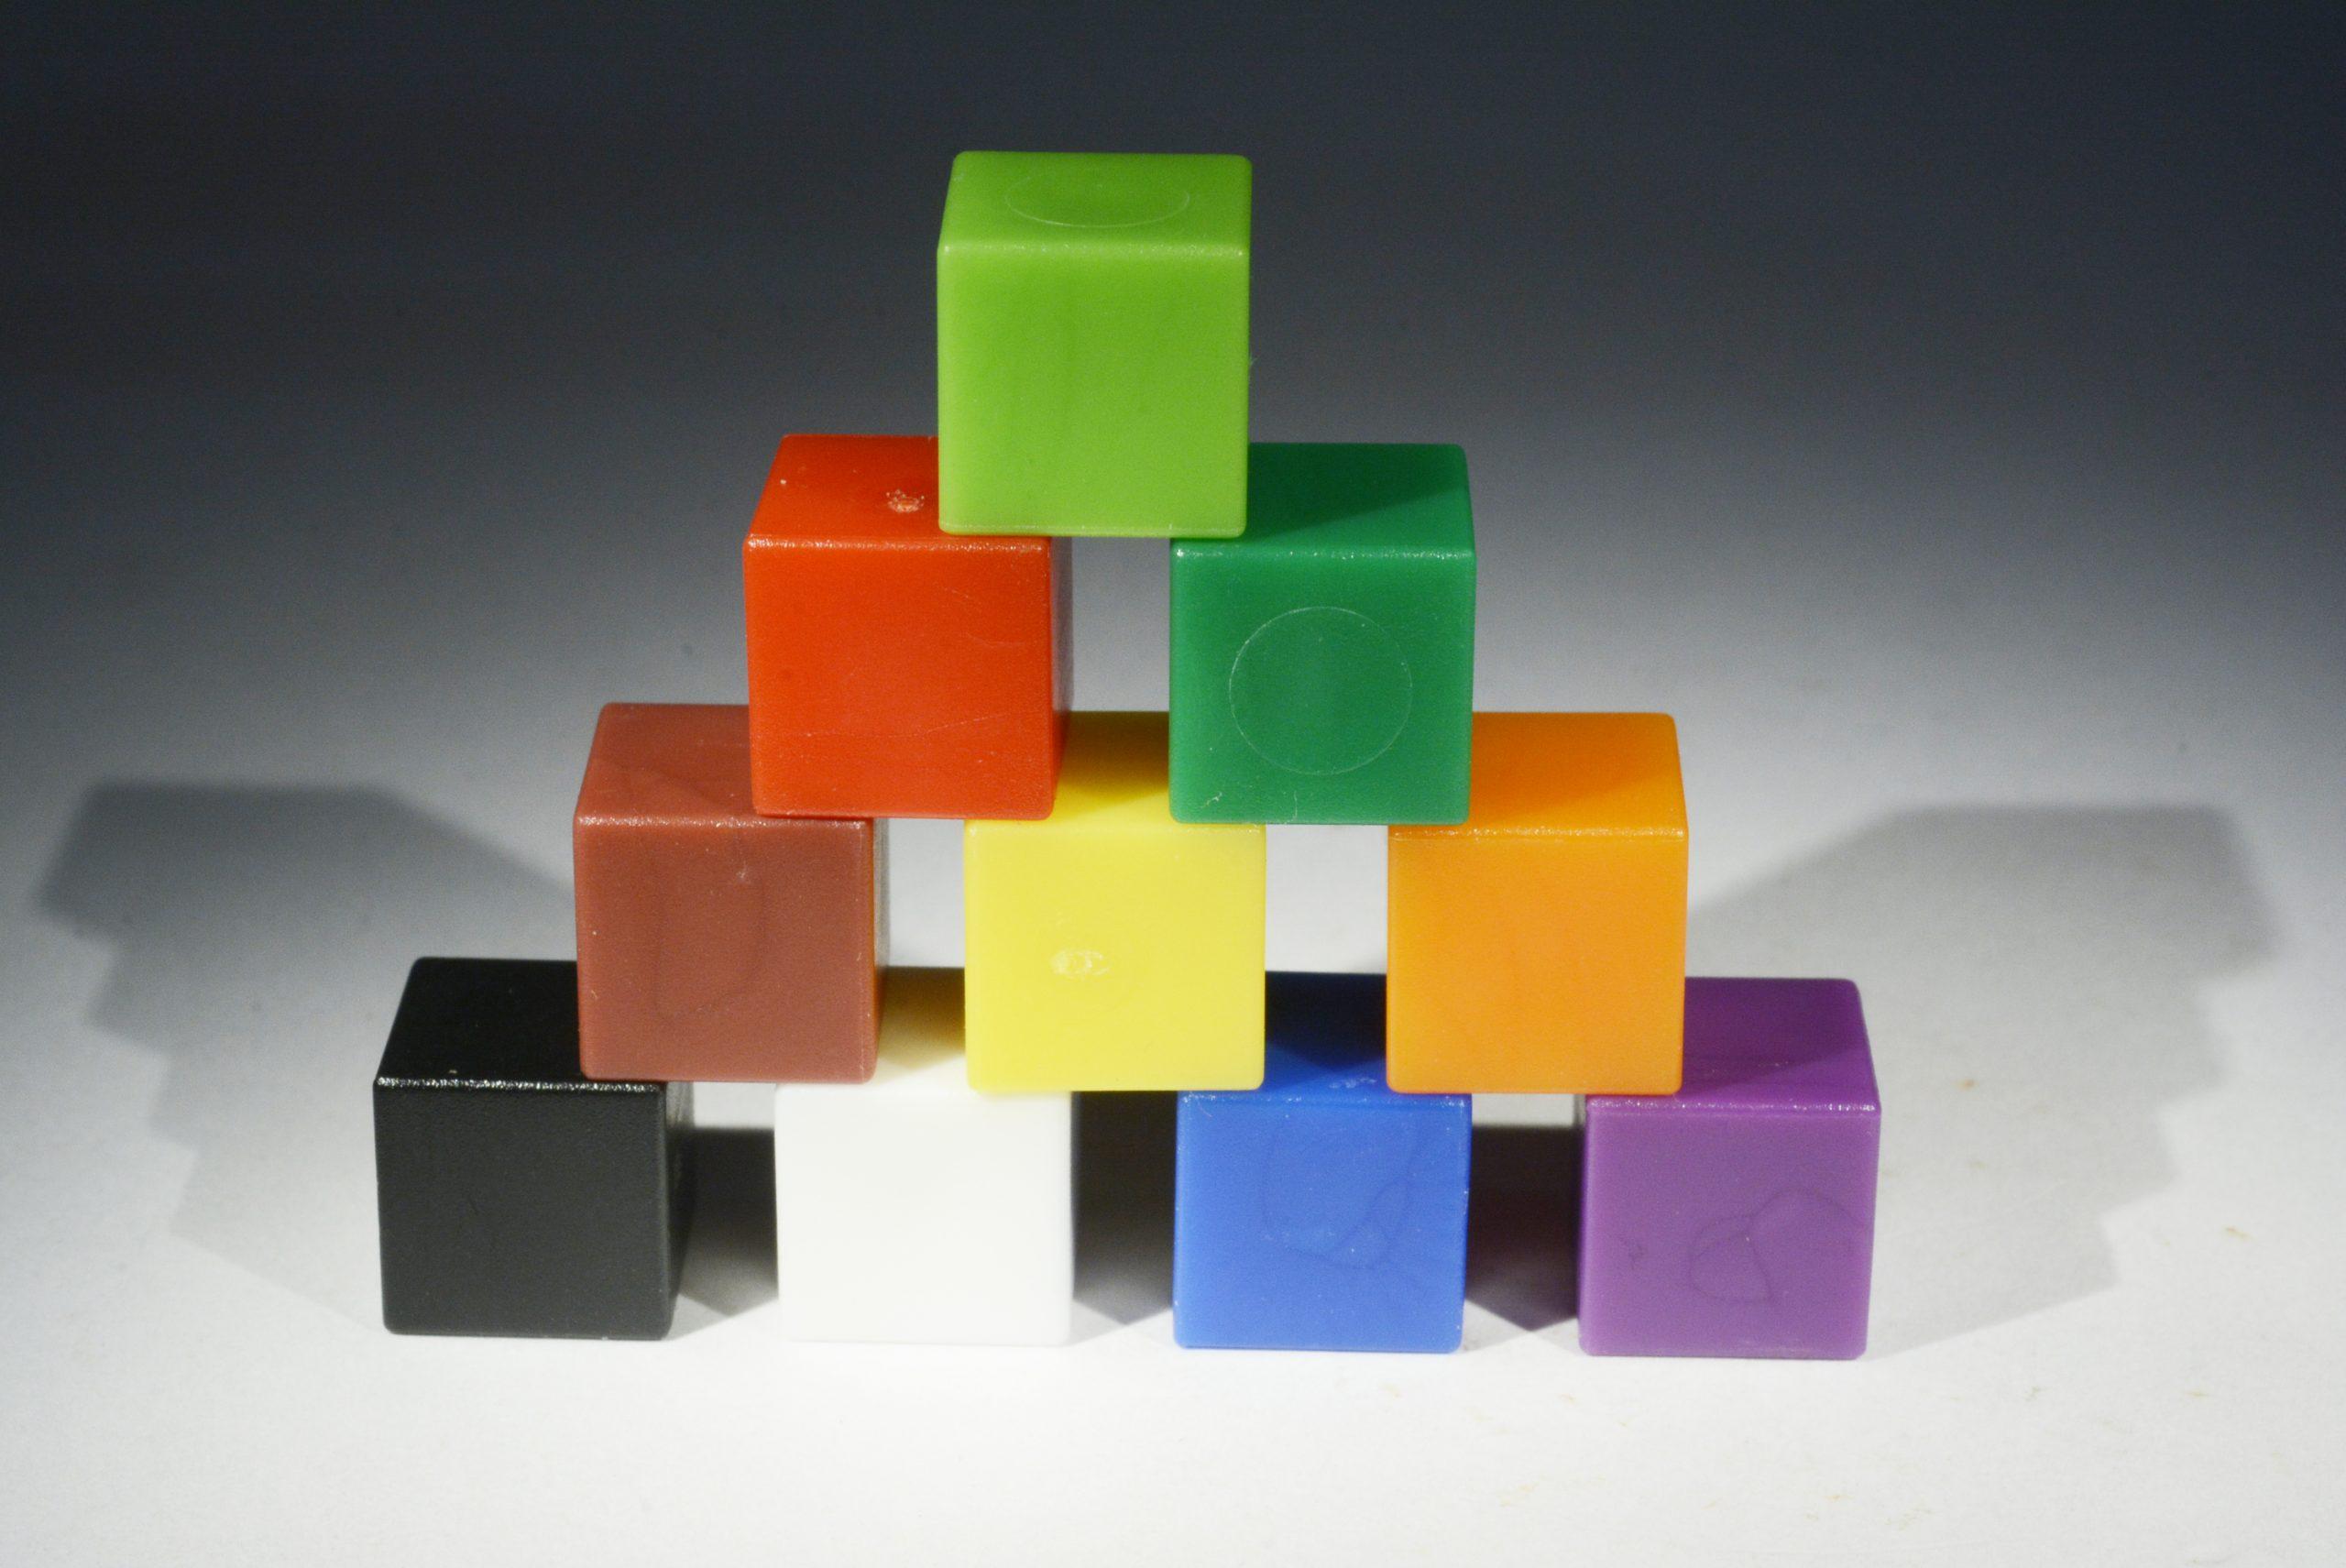 colour-plastic-cm-scale-cubes (31)